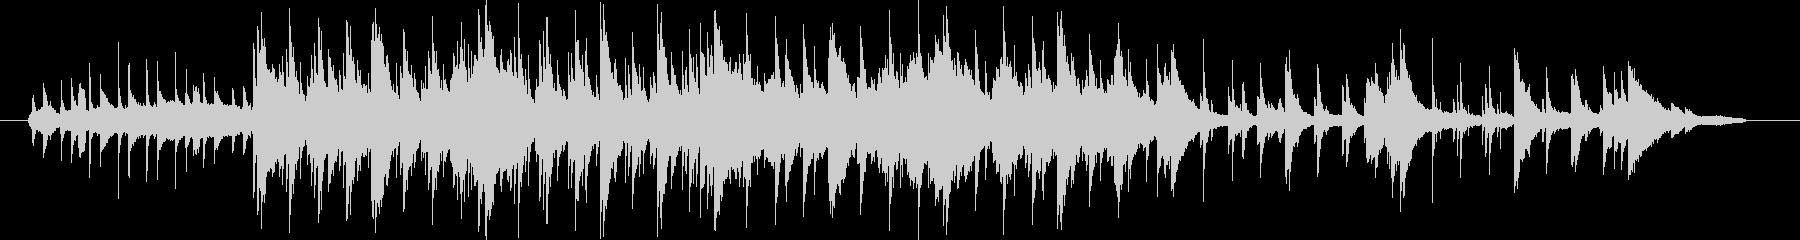 ピアノ曲です。すこし暗めのヒーリングミ…の未再生の波形